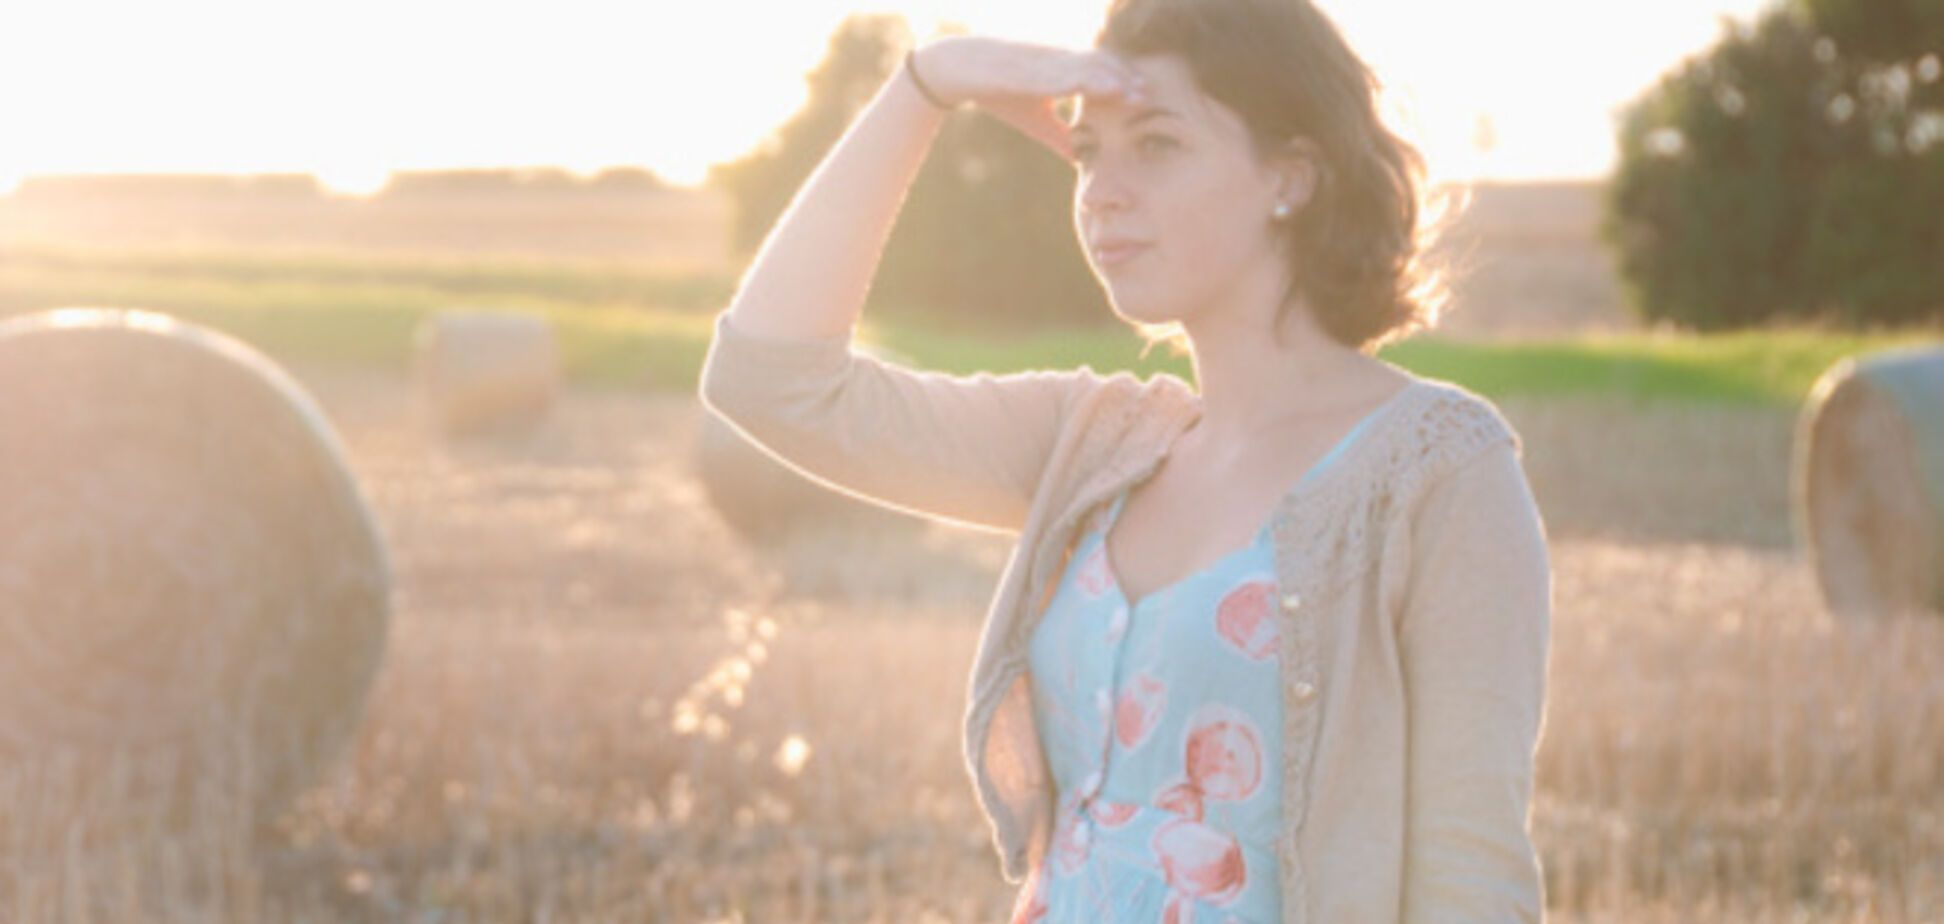 5 заболеваний, которые грозят вашим глазам в жару